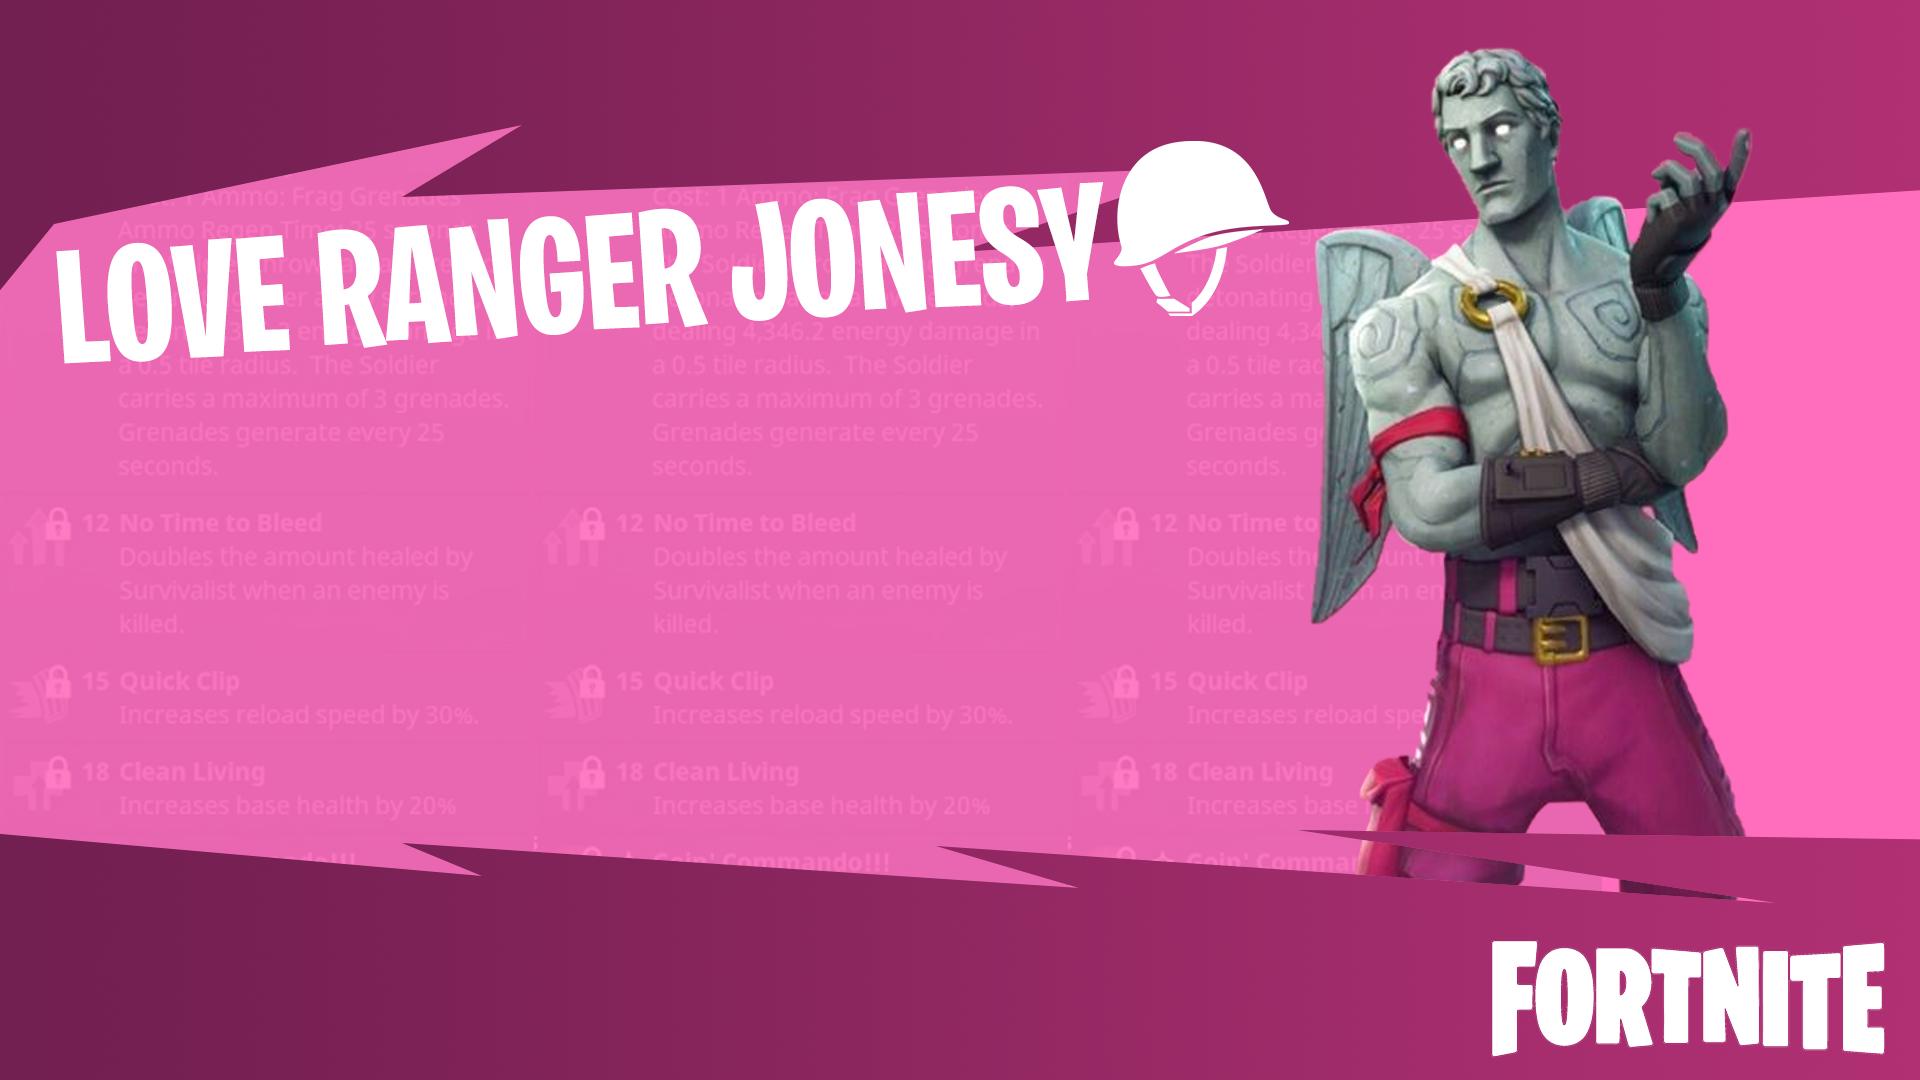 Love Ranger Fortnite Wallpapers 1920x1080